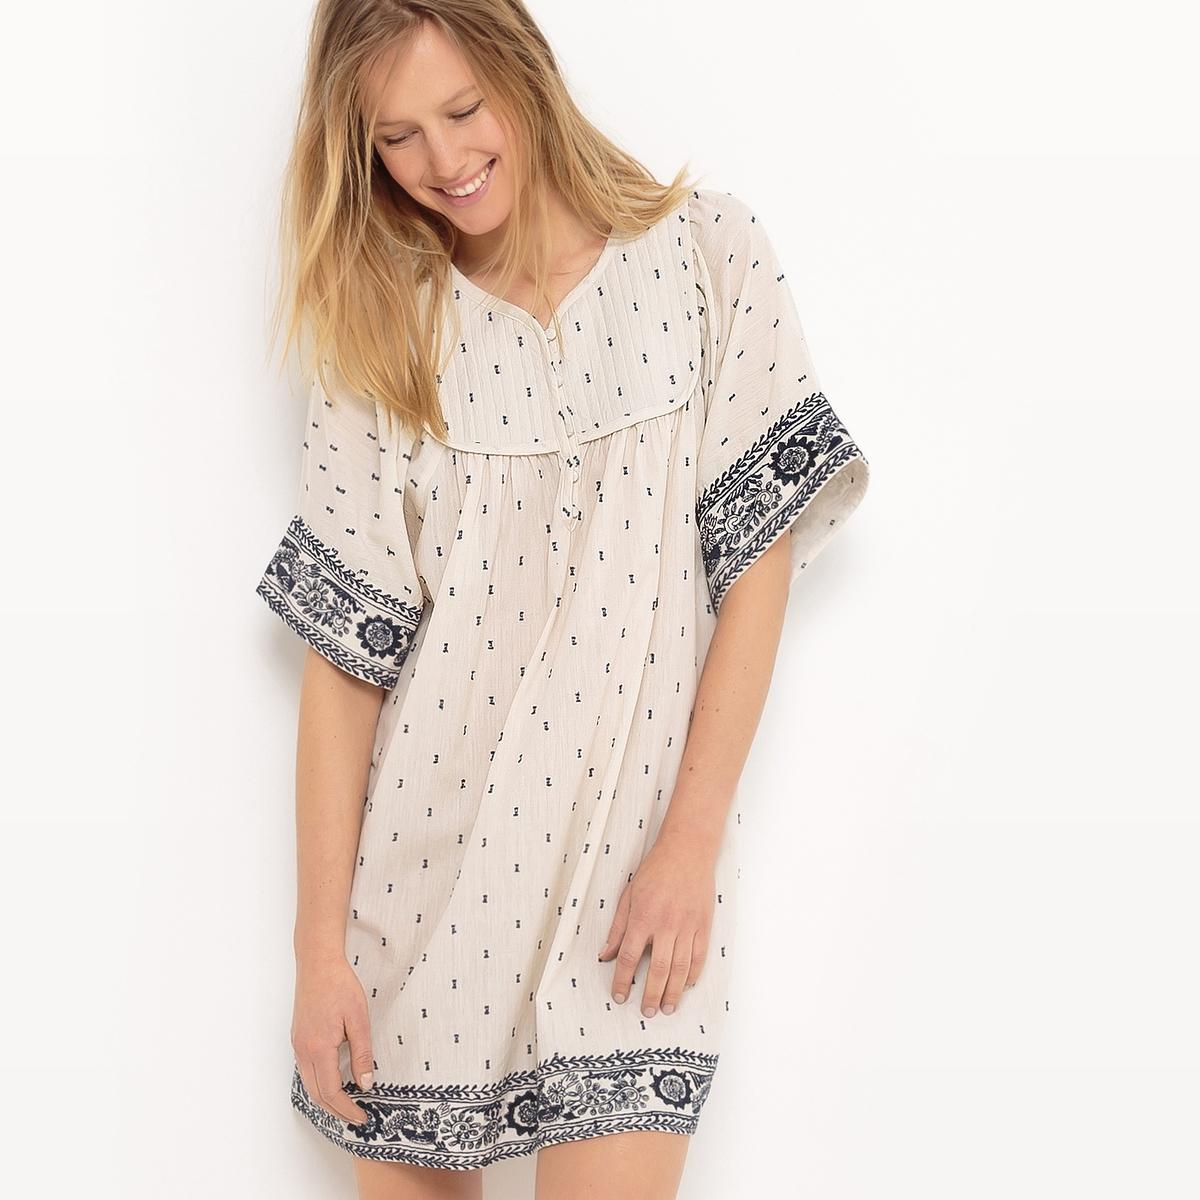 Платье вышитое, с короткими рукавамиМатериал : 100% хлопок             Длина рукава : Короткие рукава             Форма воротника : круглый вырез с разрезом спереди            Покрой платья : расклешенное платье            Рисунок : однотонная модель            Особенность материала : с вышивкой             Длина платья : до колен<br><br>Цвет: слоновая кость/синий<br>Размер: 44 (FR) - 50 (RUS).46 (FR) - 52 (RUS).42 (FR) - 48 (RUS)